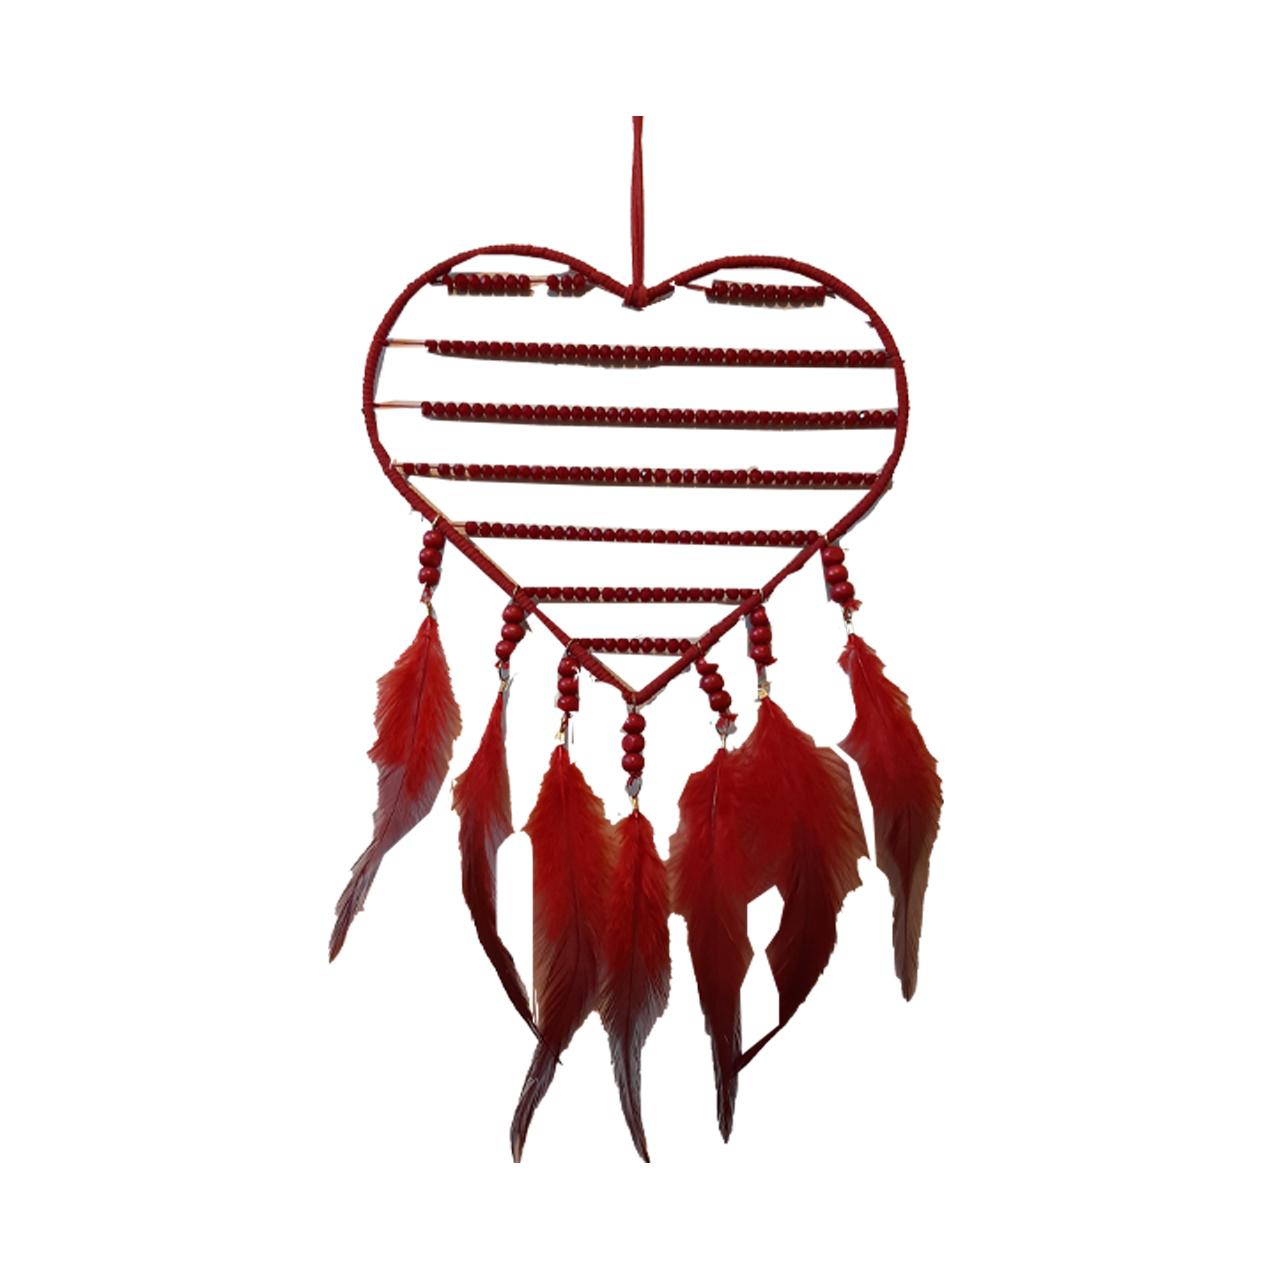 آویزدریم کچر مدل قلب